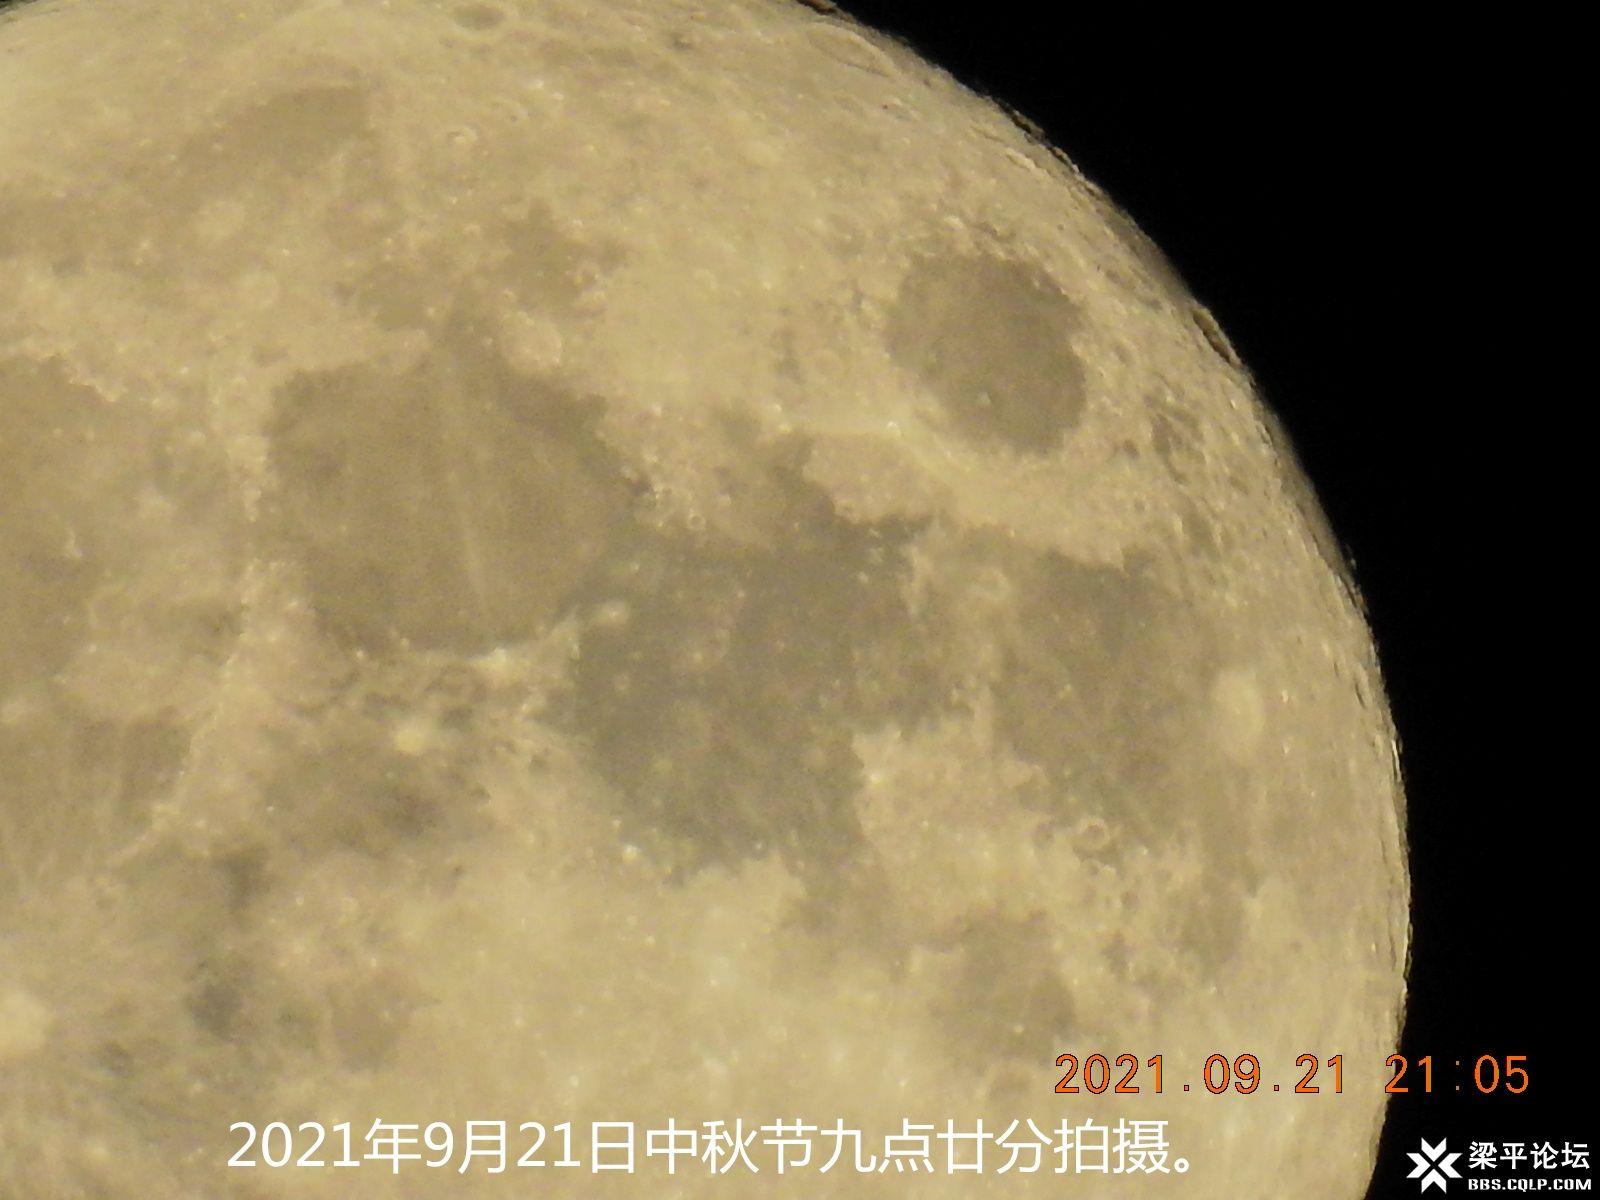 DSCN0757.JPG